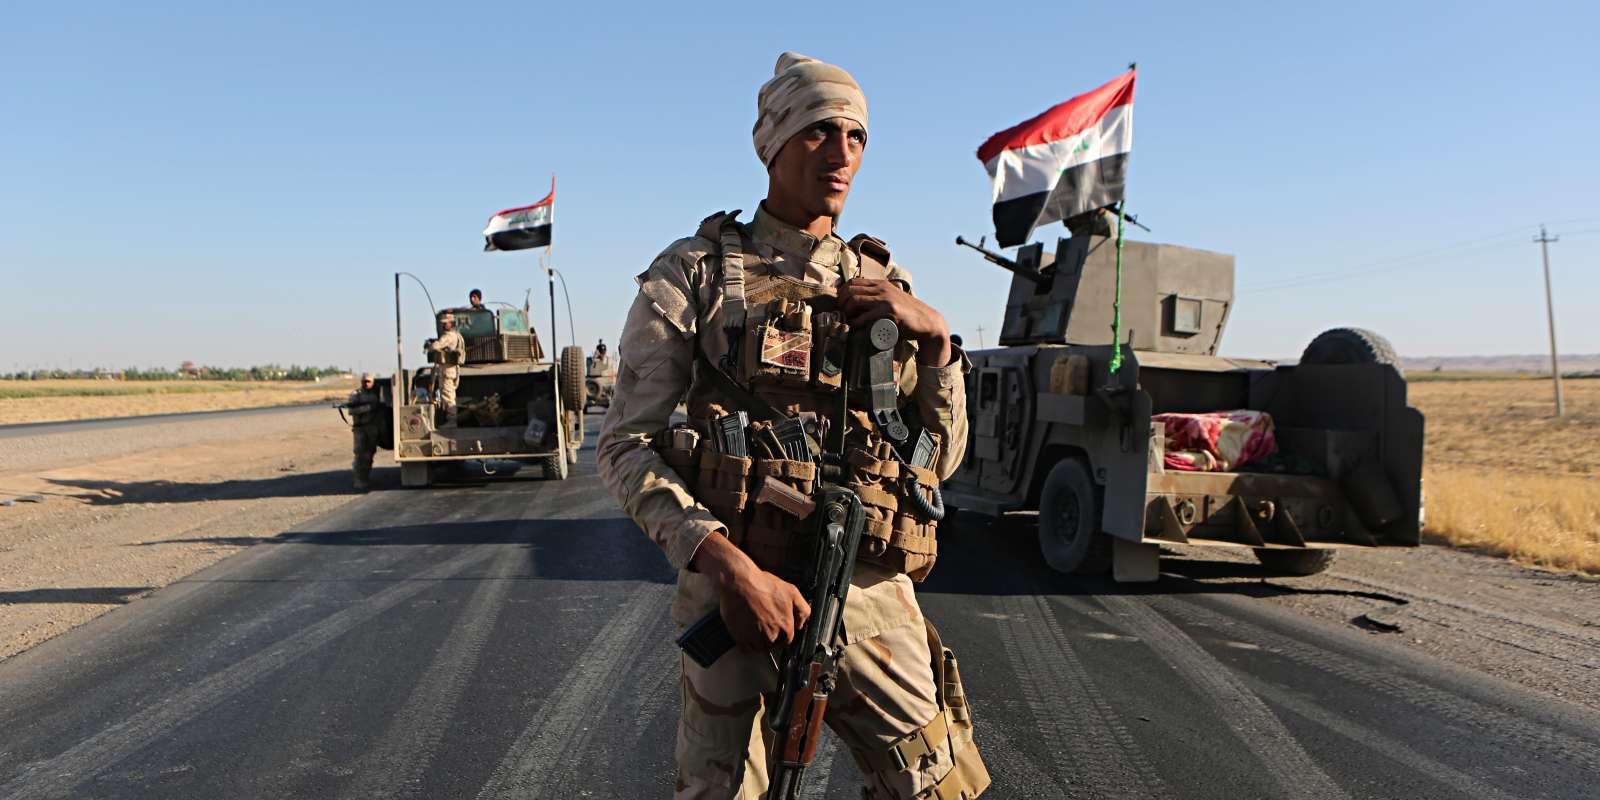 Un soldat des forces irakiennes à Altun Kupri, au Kurdistan irakien, le 19 octobre.